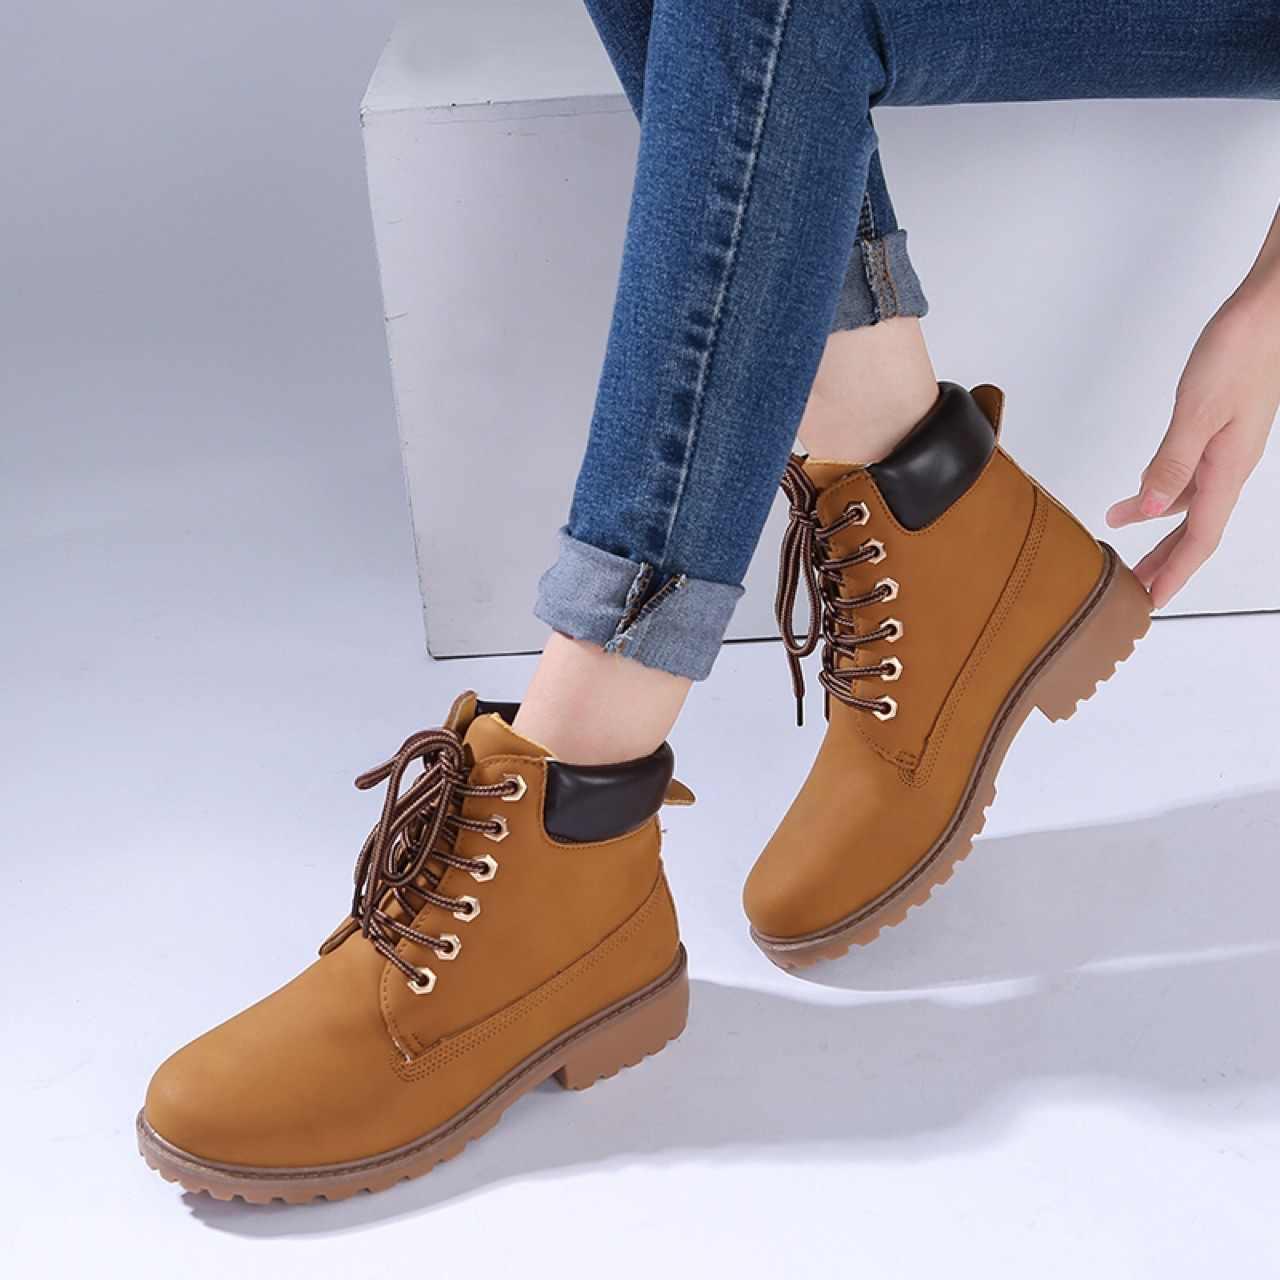 2019 Mannen laarzen Mode sneakers Laarzen Snowboots Outdoor Casual goedkope hout laarzen Minnaar Herfst Winter schoenen ST01